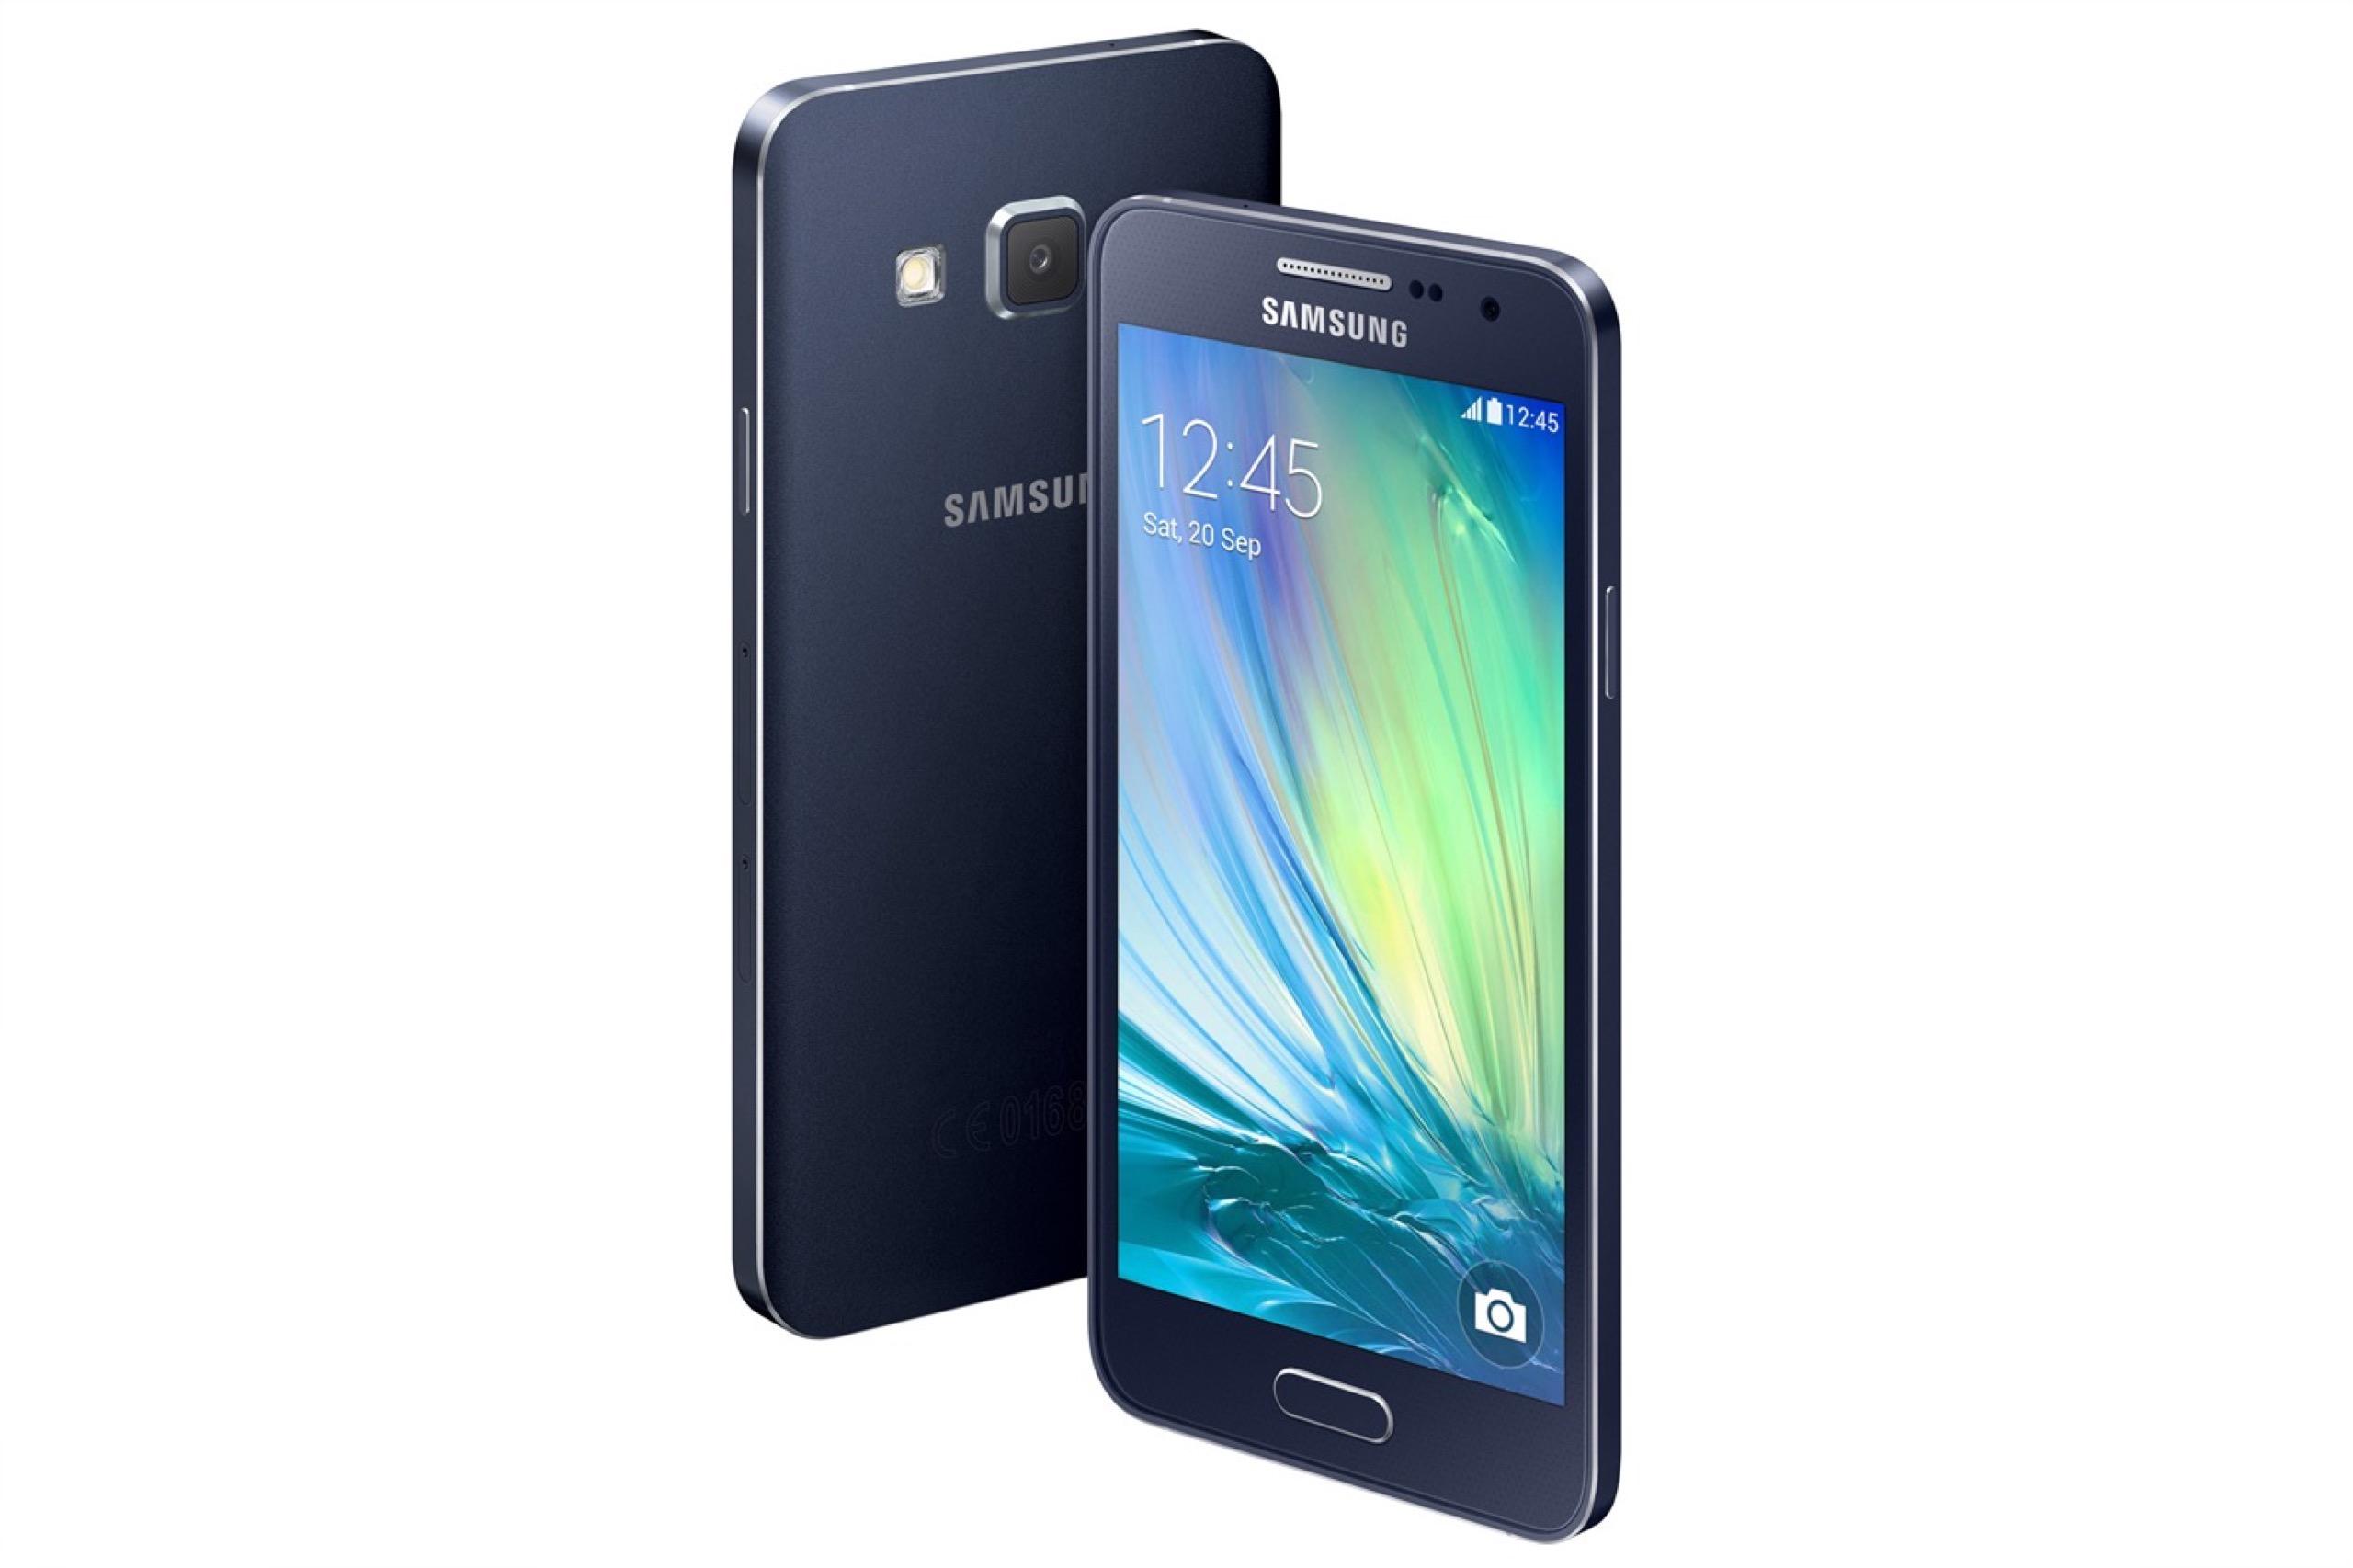 Samsung Galaxy A3 2015 Preis Technische Daten Bilder Und Videos